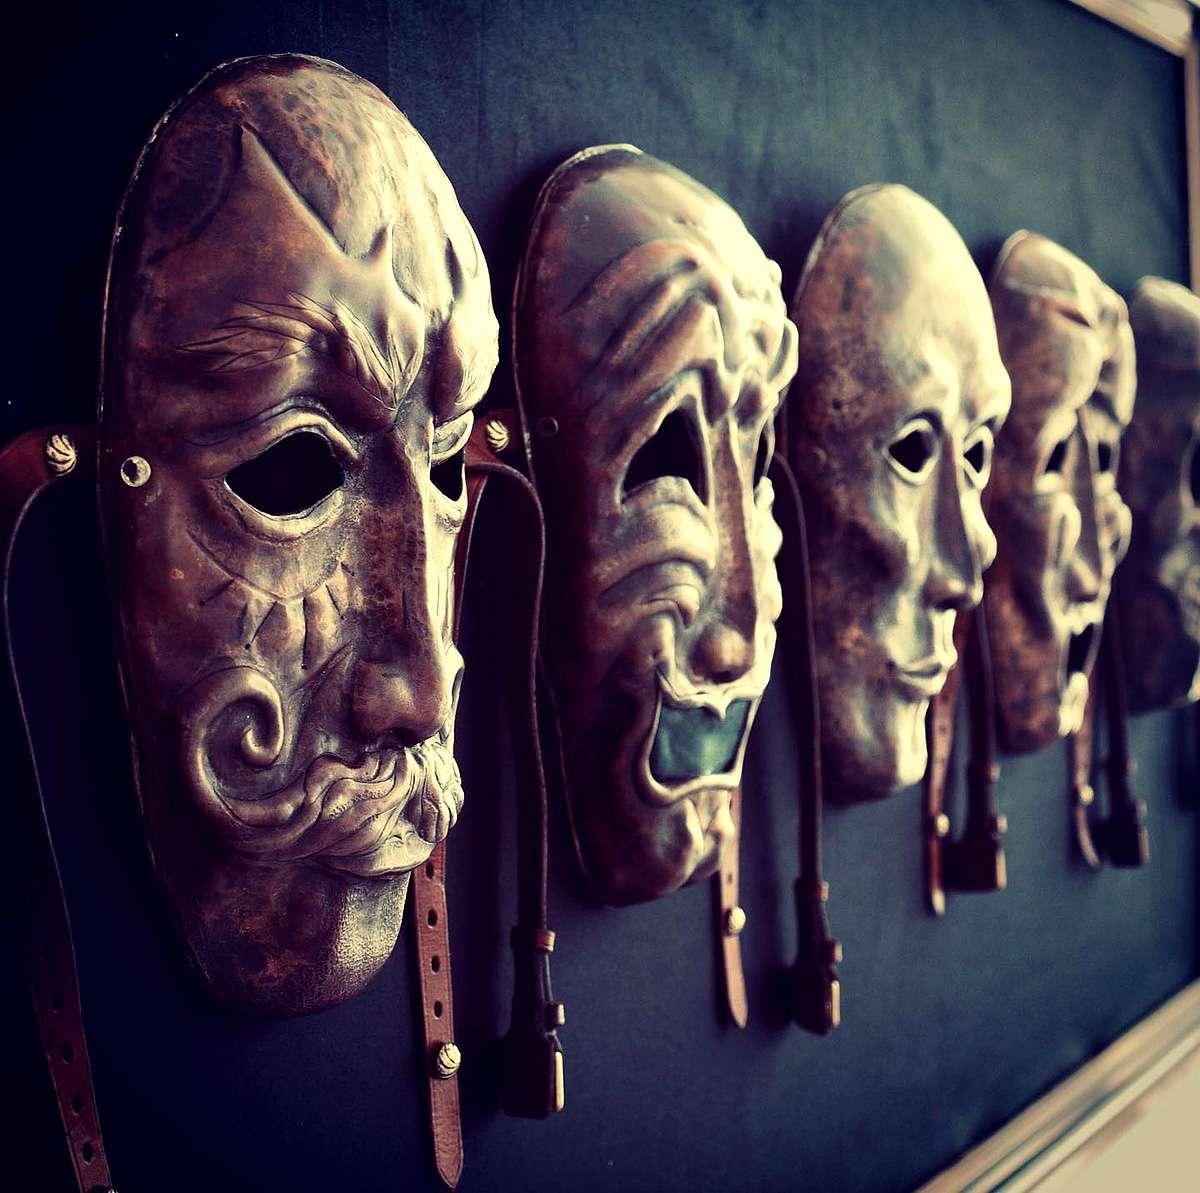 Masks by Jaxx Waygood